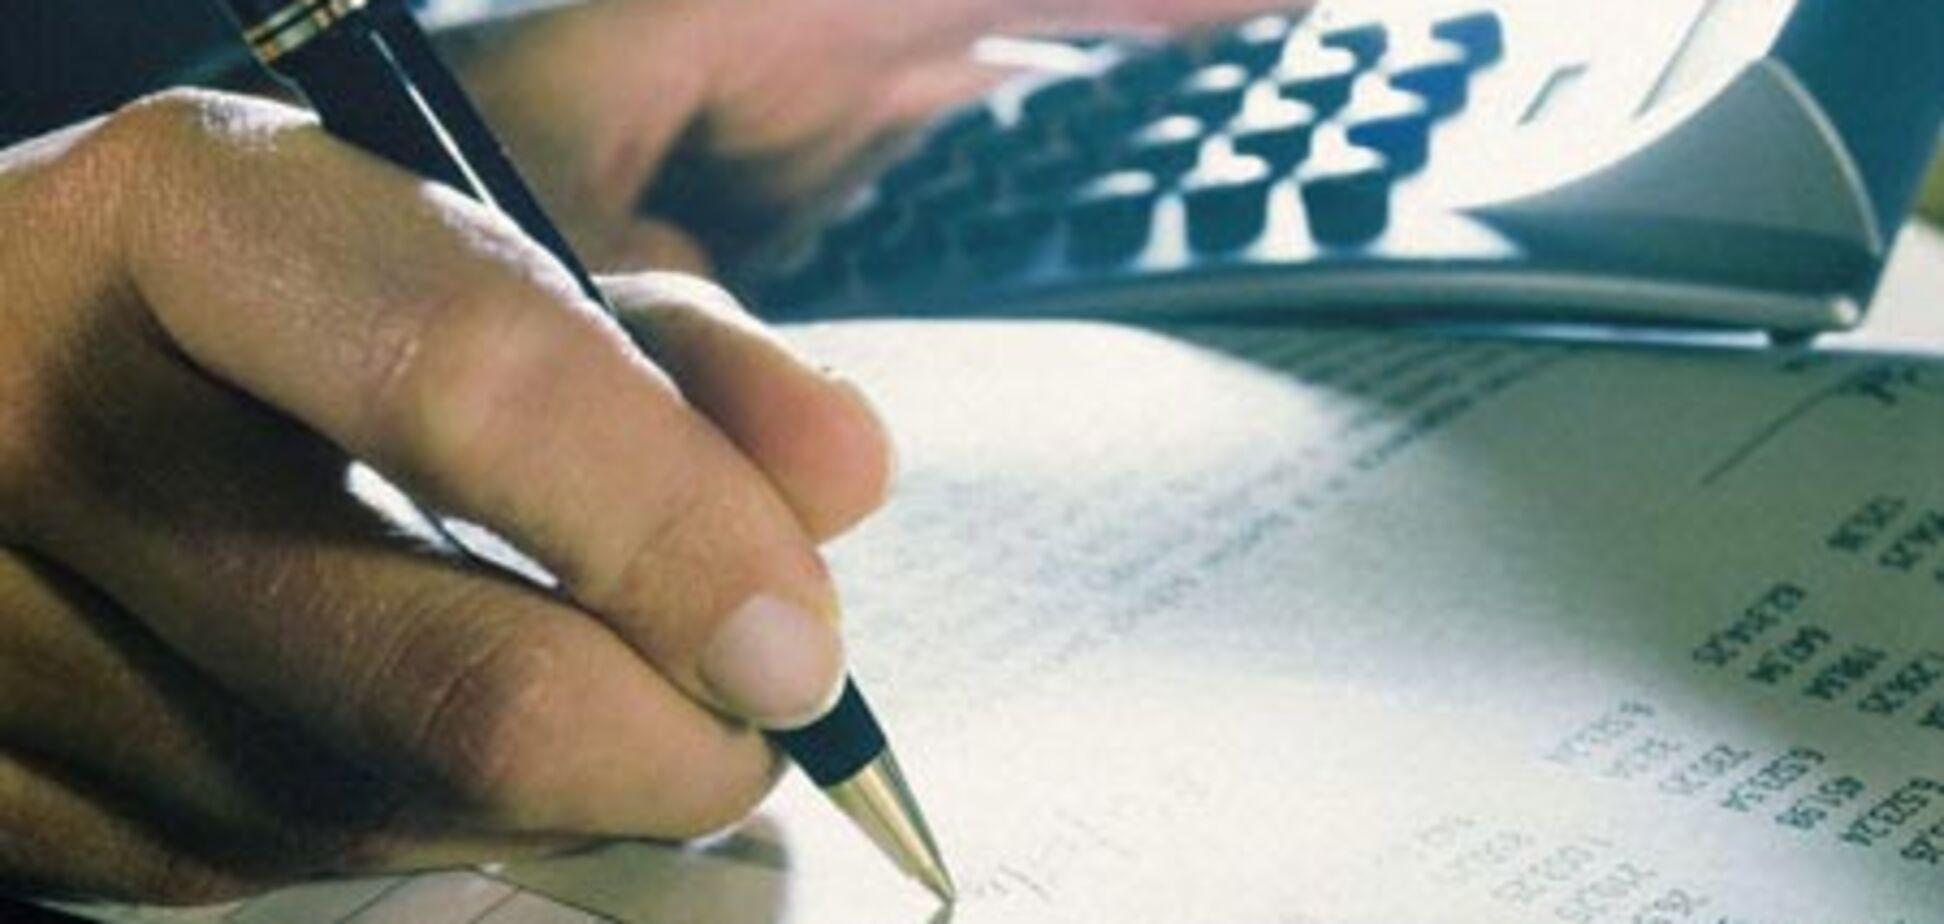 Банкам дозволили видавати інформацію про рахунки своїх клієнтів